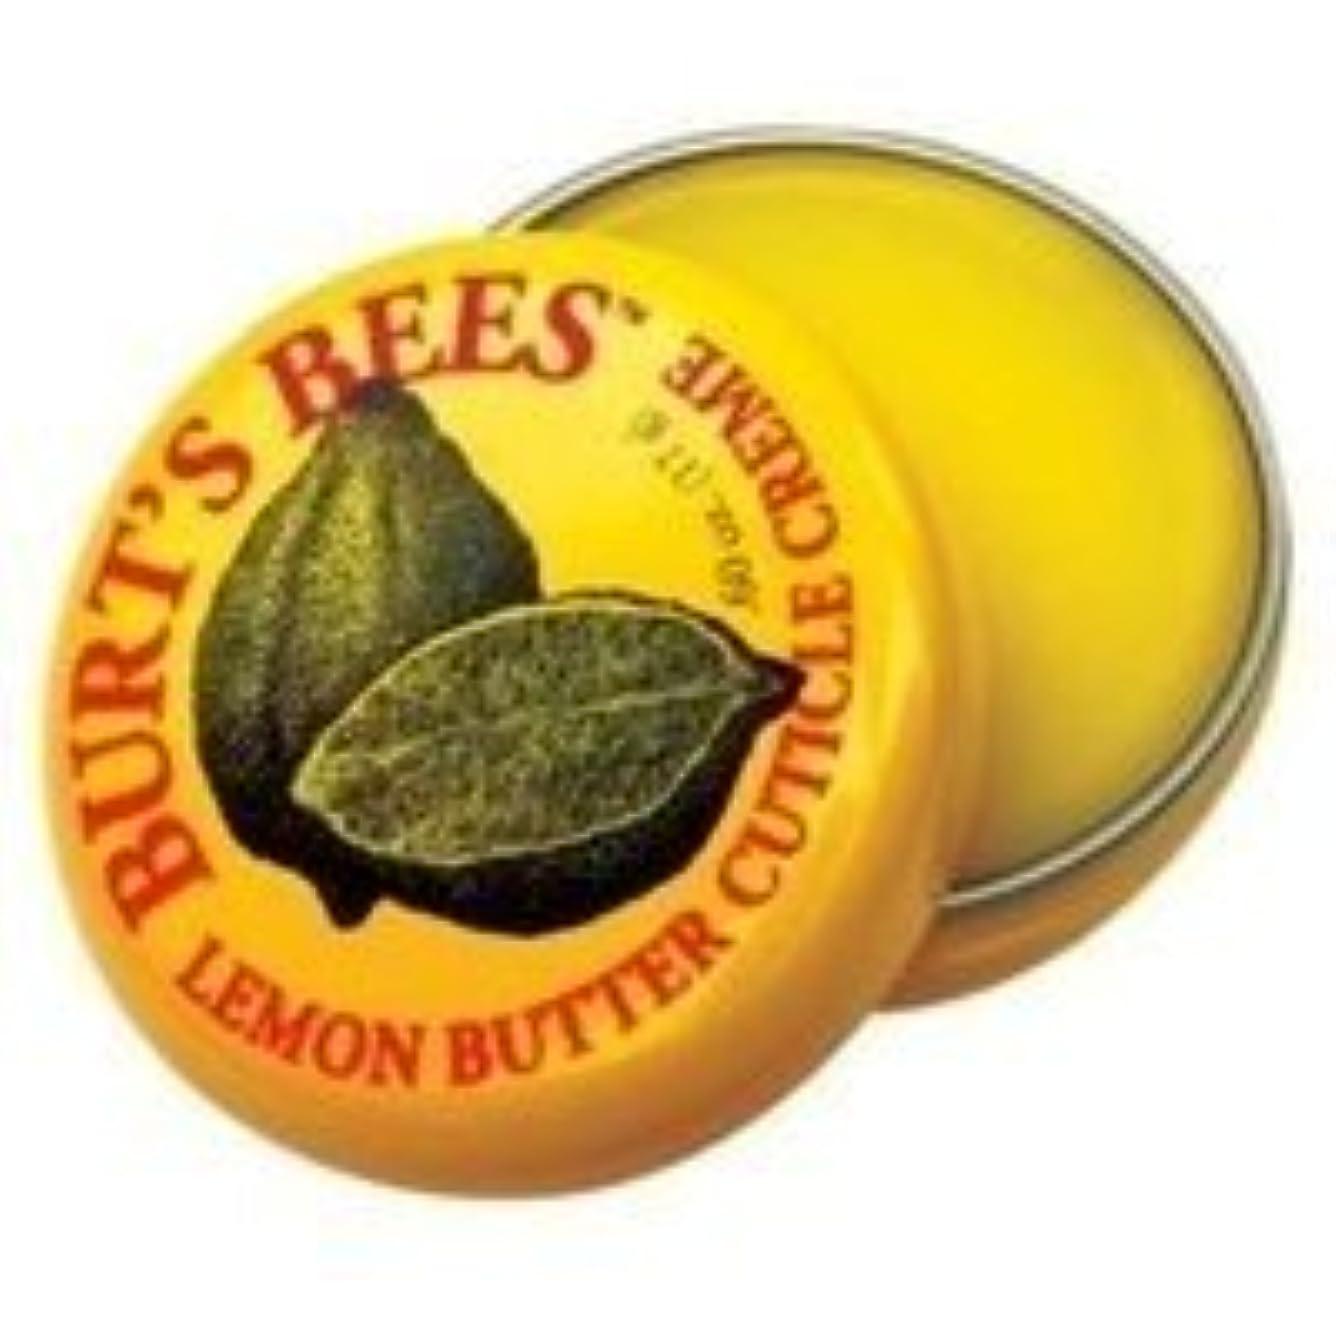 引き渡すスペースみなさんバーツビー(バーツビーズ) レモンバターキューティクルクリーム 17g 2個セット